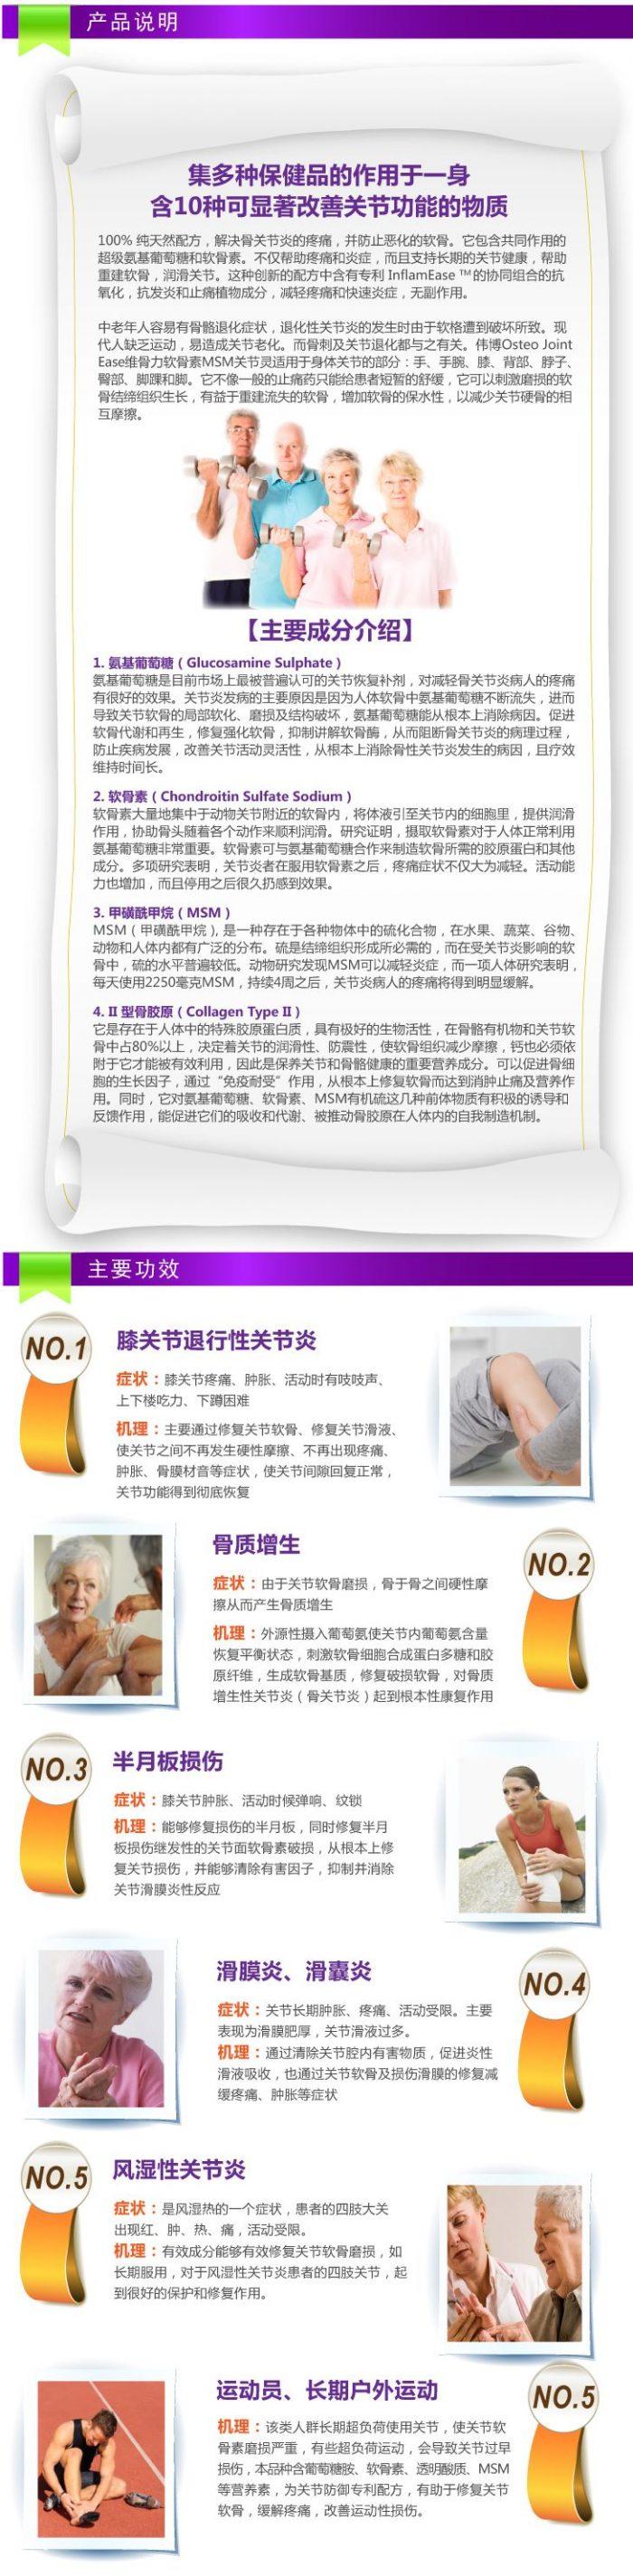 保护骨骼关节健康!Webber Naturals 葡萄糖胺软骨素MSM片(120粒)13.84加元,原价 26.32加元